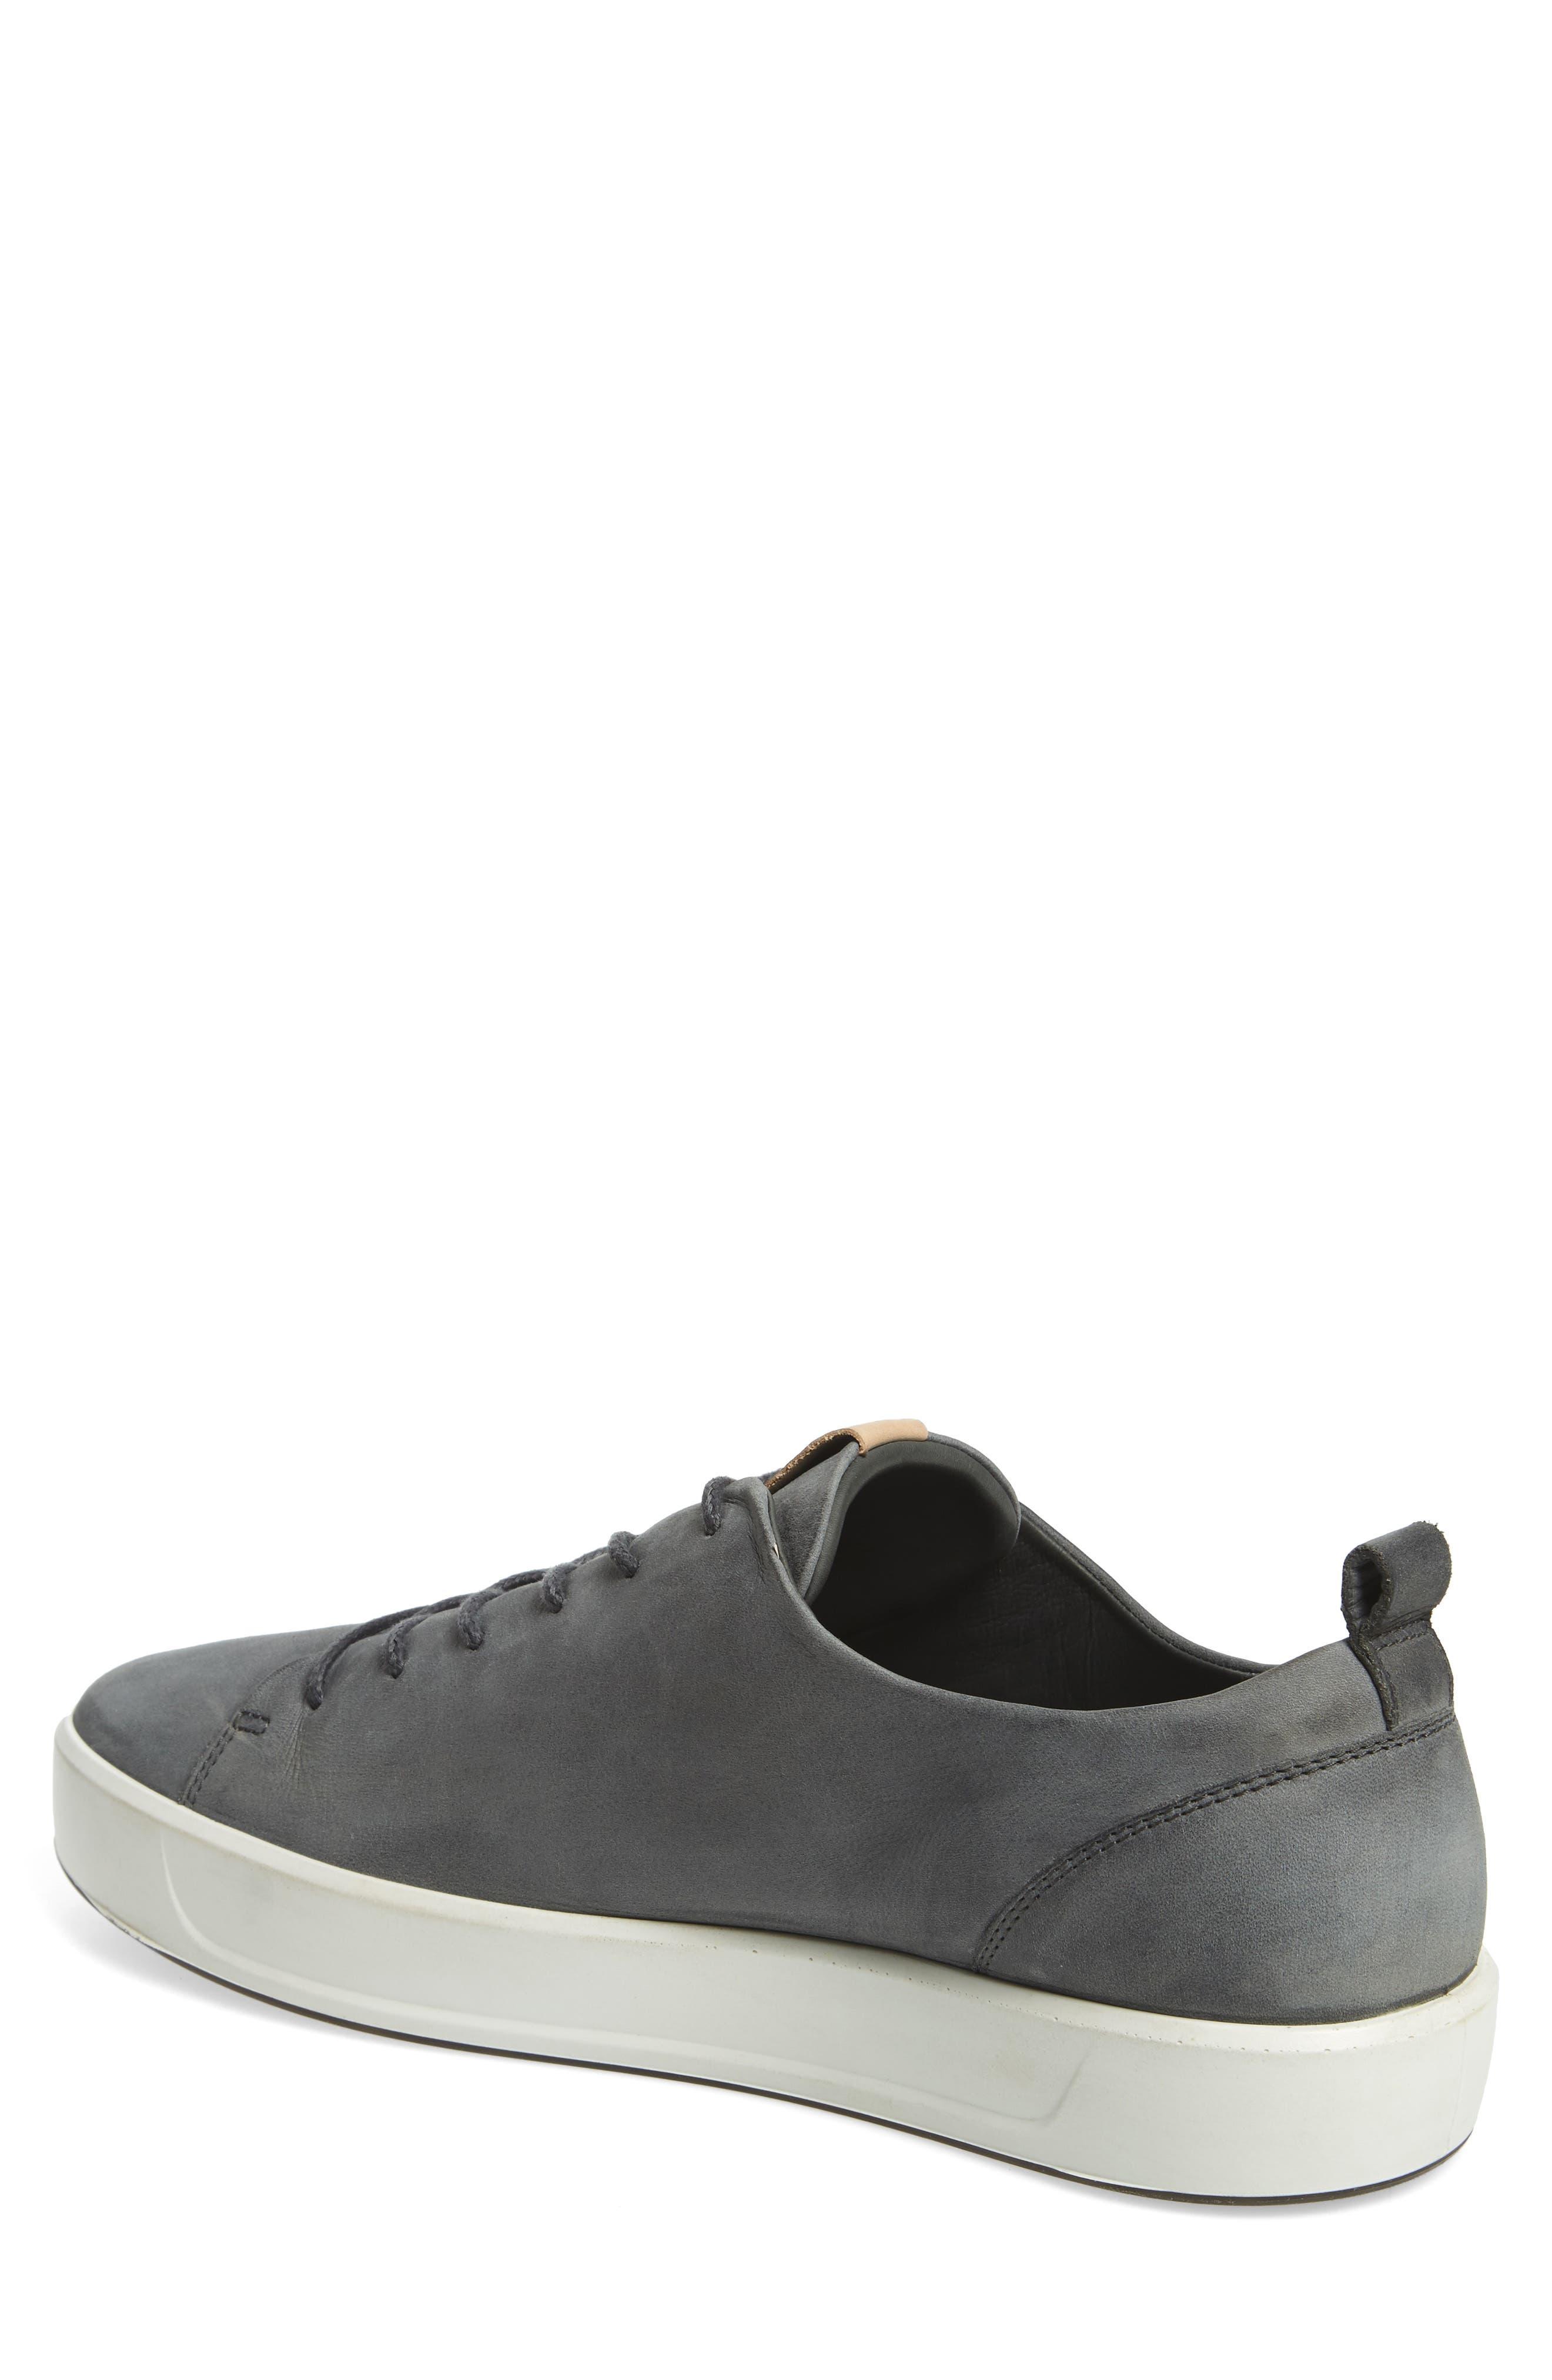 Soft 8 Sneaker,                             Alternate thumbnail 2, color,                             025